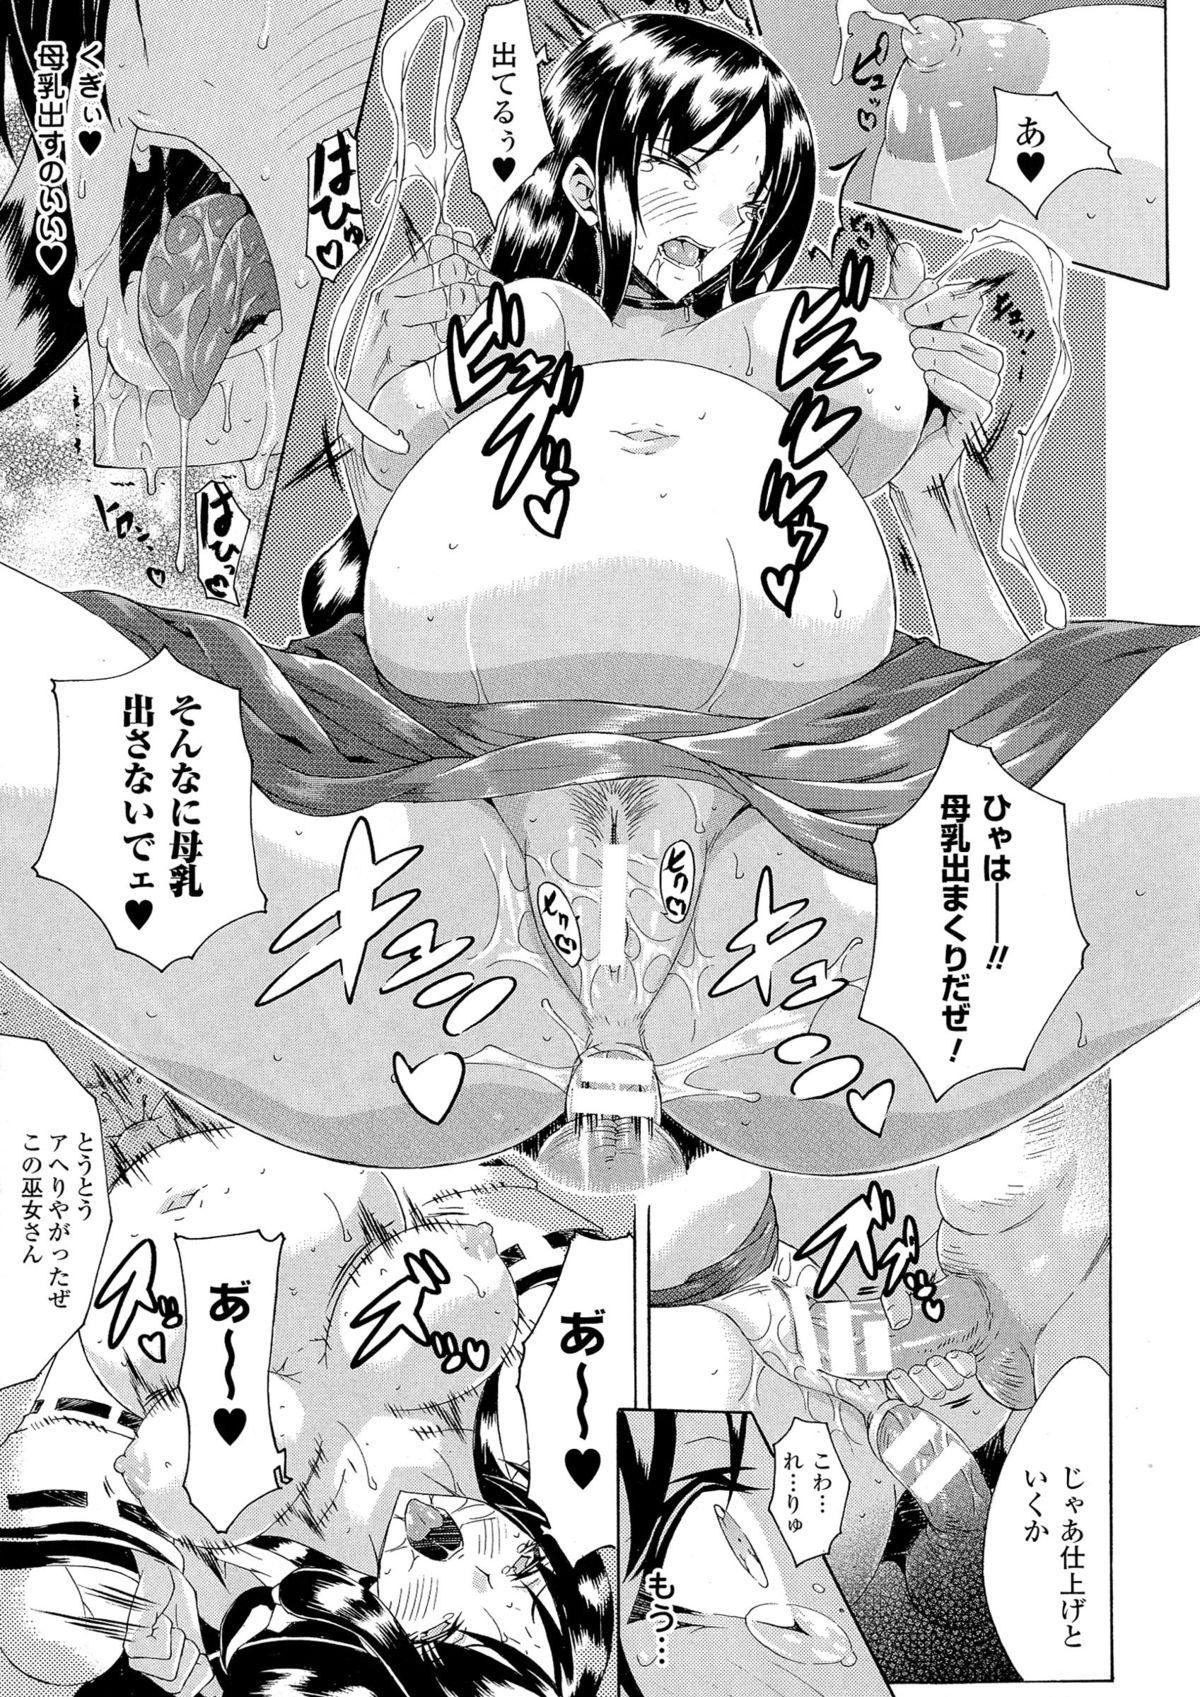 Kachiki na Onna ga Buzama na Ahegao o Sarasu made 136